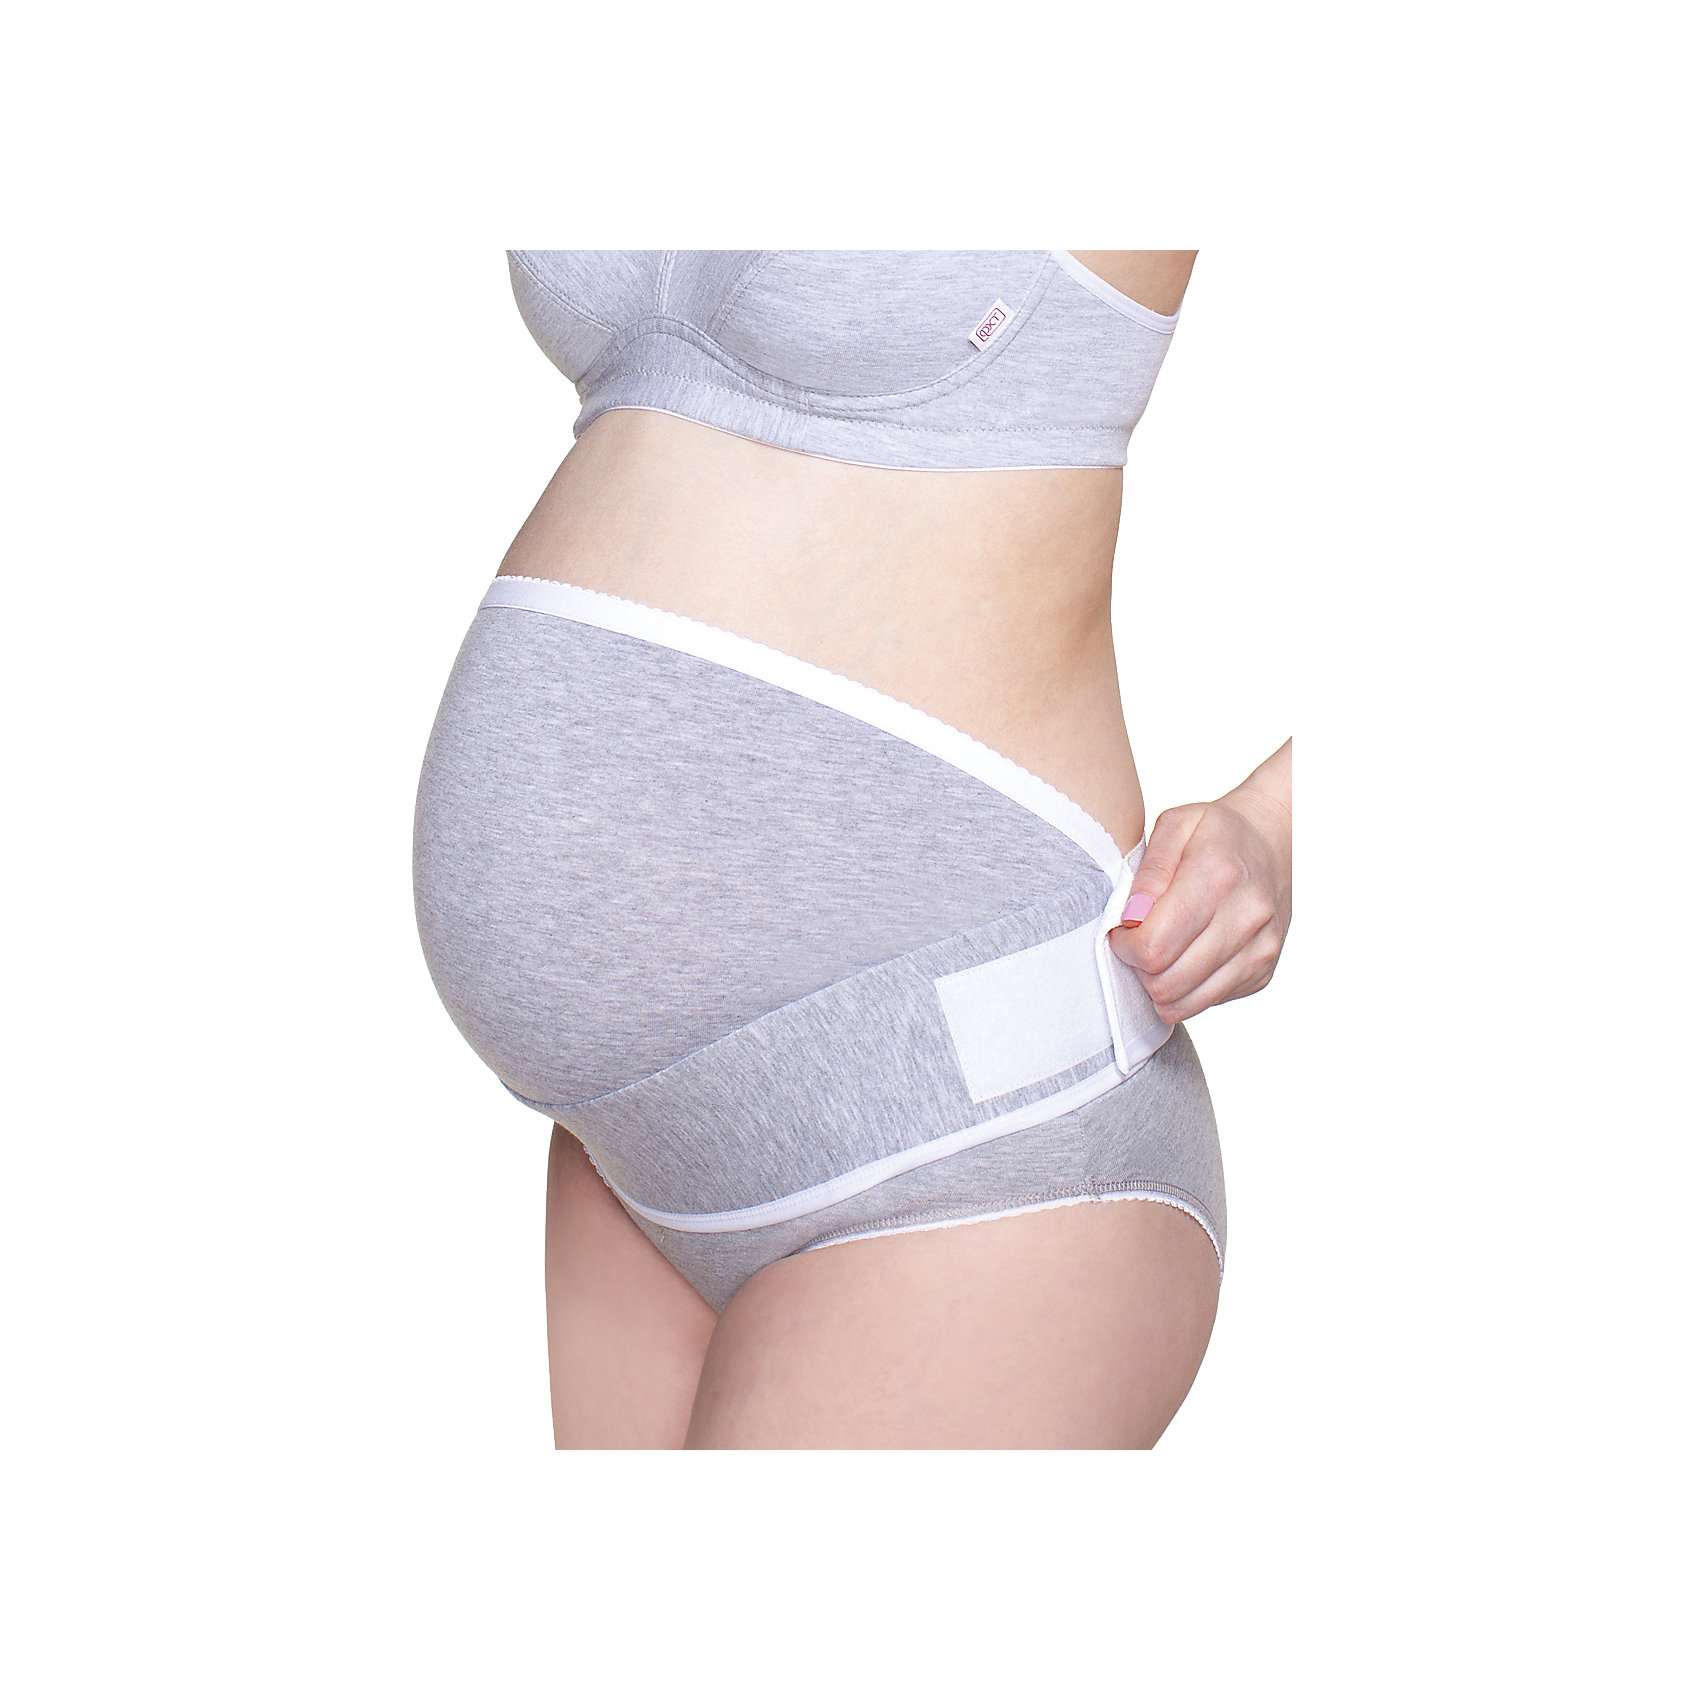 Бандаж дородовый ФЭСТДородовой бандаж-животик ФЭСТ рекомендован Российским обществом акушеров-гинекологов.<br>Исследования показали, что при ношении бандажа снижается вероятность:<br>• угрозы прерывания беременности;<br>• преждевременных родов;<br>• образования стрий.<br>Носить рекомендовано:<br>• с 20-24 недели беременности;<br>• при акушерской патологии;<br>• при несостоятельности мышц передней брюшной стенки и тазового дна;<br>• при искривлении позвоночника;<br>• при болях в пояснице;<br>• при активном образе жизни, когда находитесь в вертикальном положении более трех часов в день.<br>Время ношения – не более 10 часов в сутки. <br>Бандаж-животик позволяет легко менять бельё. <br>За счёт застёжки велькро легко отрегулировать степень поддержки. <br>Бандаж рекомендован на нестандартное положение живота.<br>Перед выбором проконсультируйтесь с акушером-гинекологом.<br><br><br>Состав: ПЭ-69%, хлопок-27%, эластан-4%<br><br>Ширина мм: 196<br>Глубина мм: 10<br>Высота мм: 154<br>Вес г: 152<br>Цвет: серый<br>Возраст от месяцев: 0<br>Возраст до месяцев: 1188<br>Пол: Женский<br>Возраст: Детский<br>Размер: 48/50,52/54,56/58,46<br>SKU: 4917286